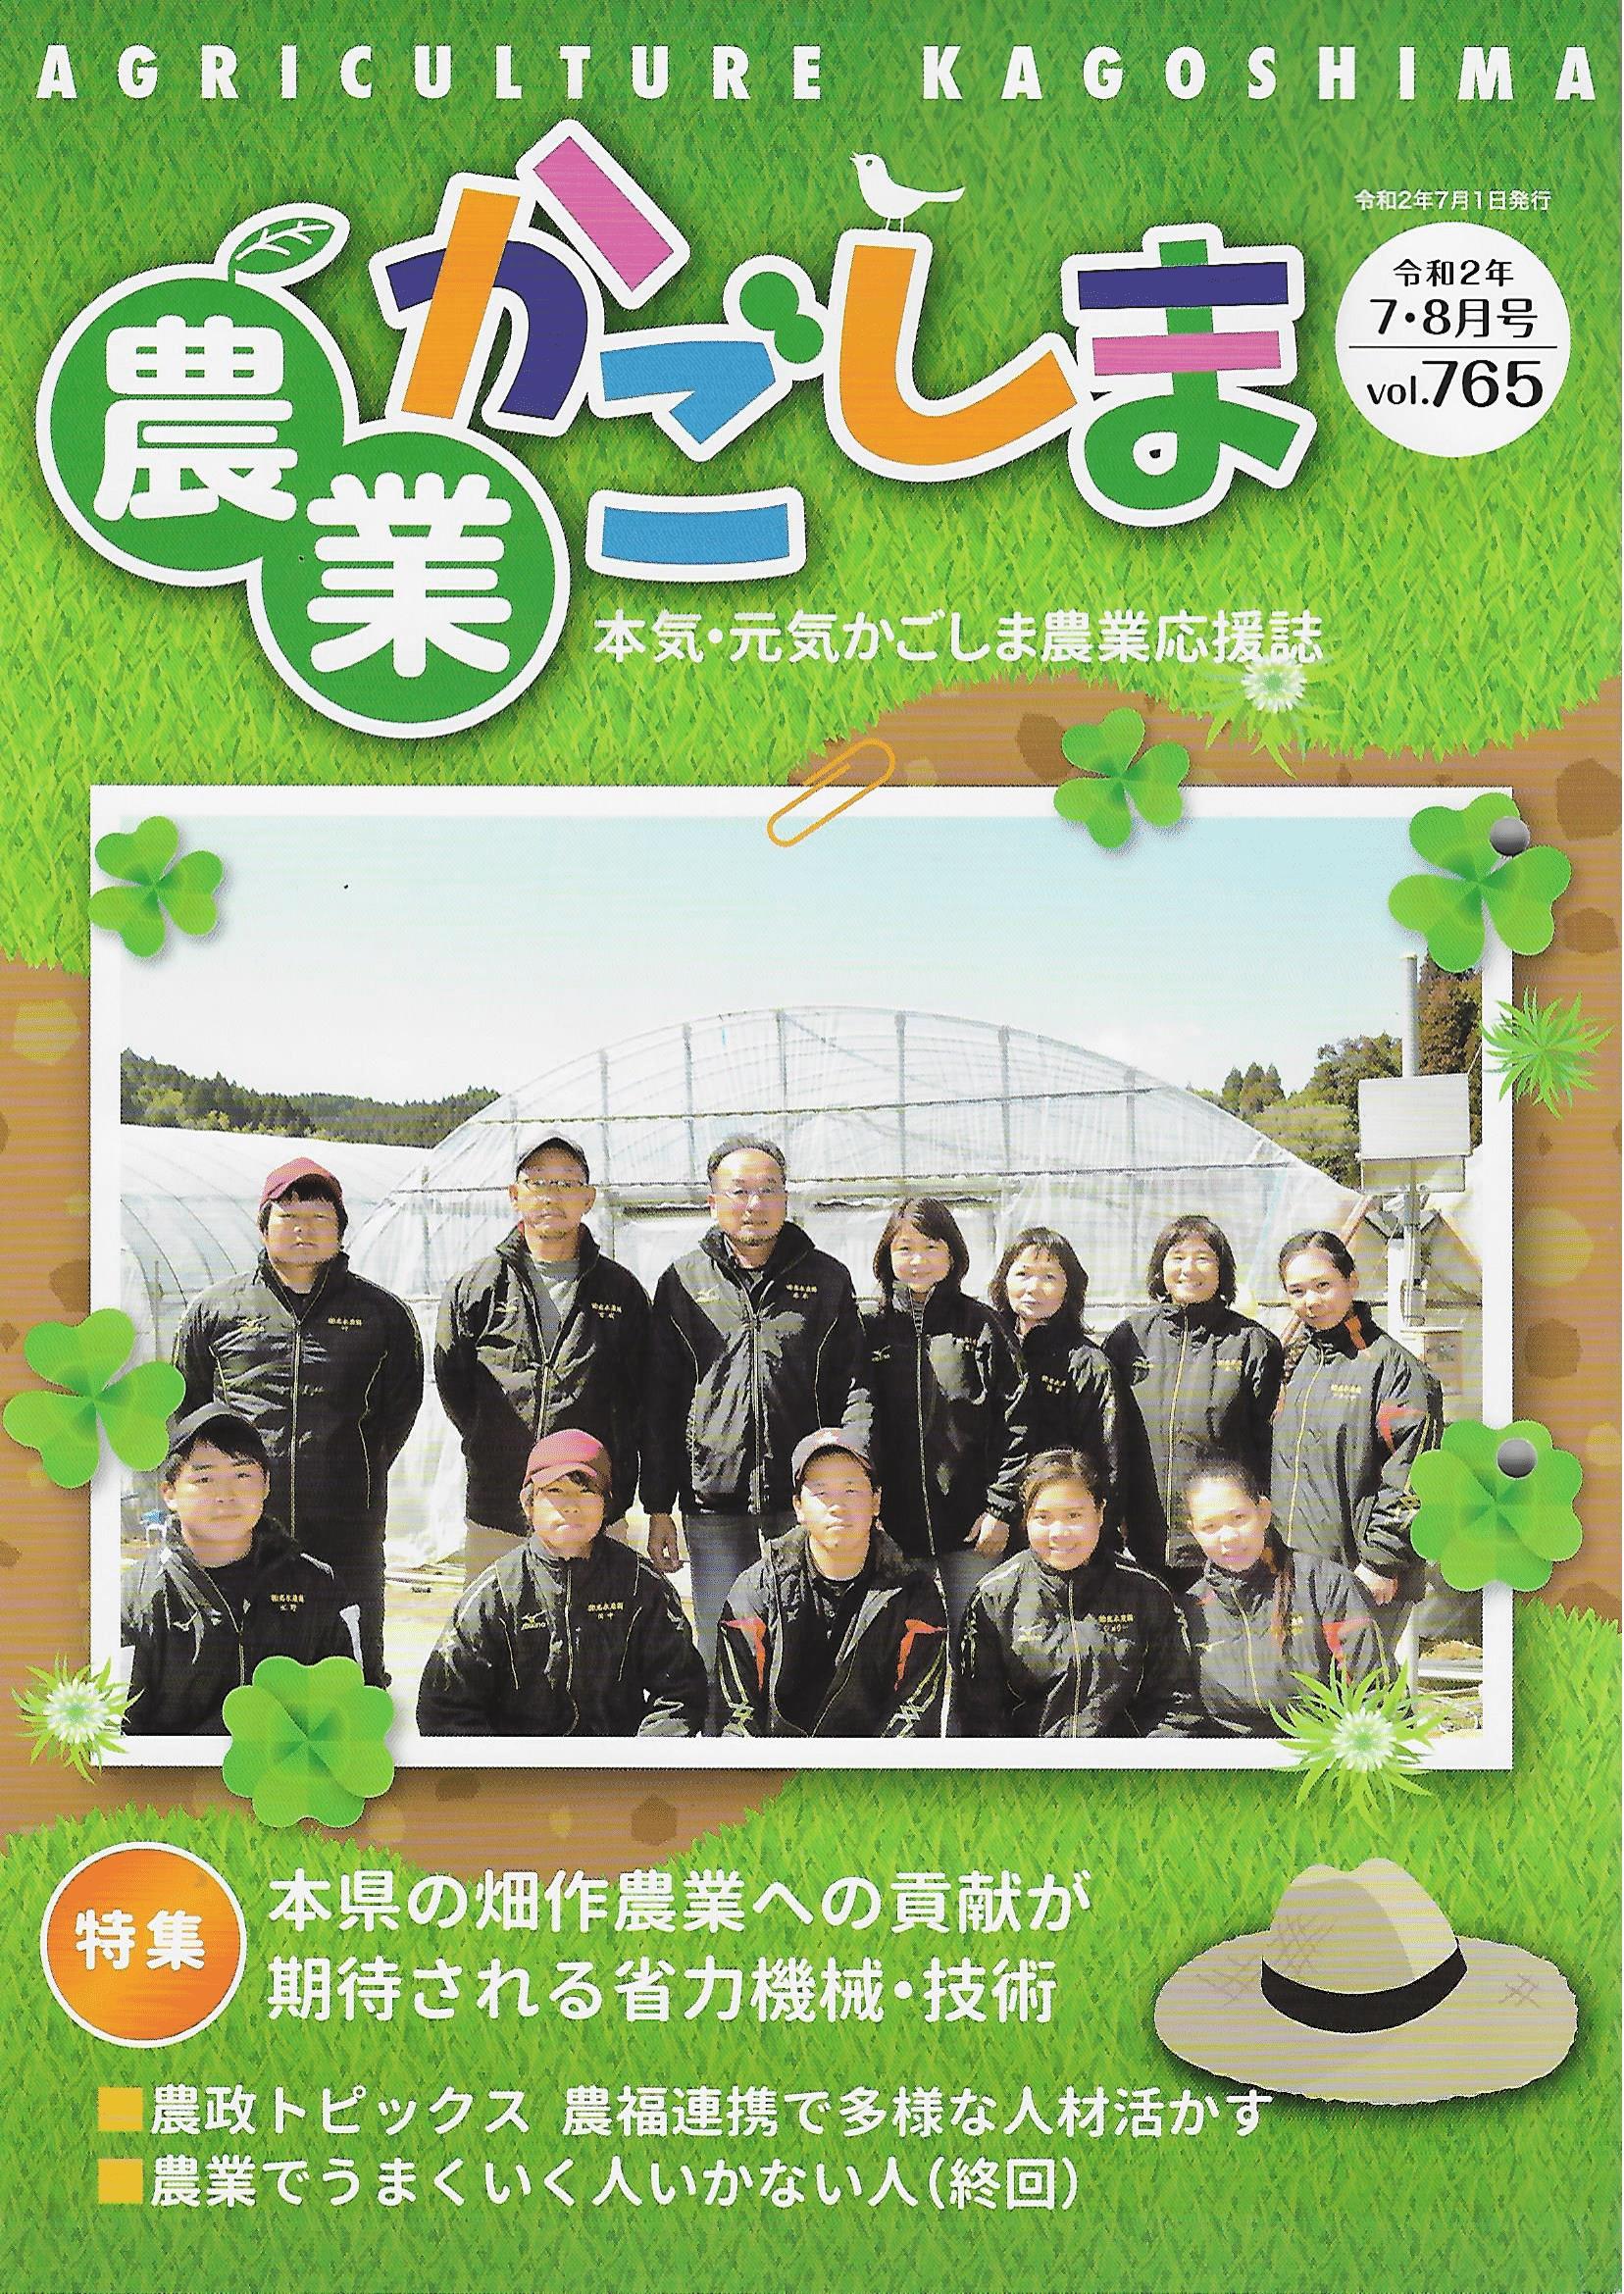 【執筆】農業かごしま2020年7,8月号に代表武藤の記事が掲載されました。のサムネイル